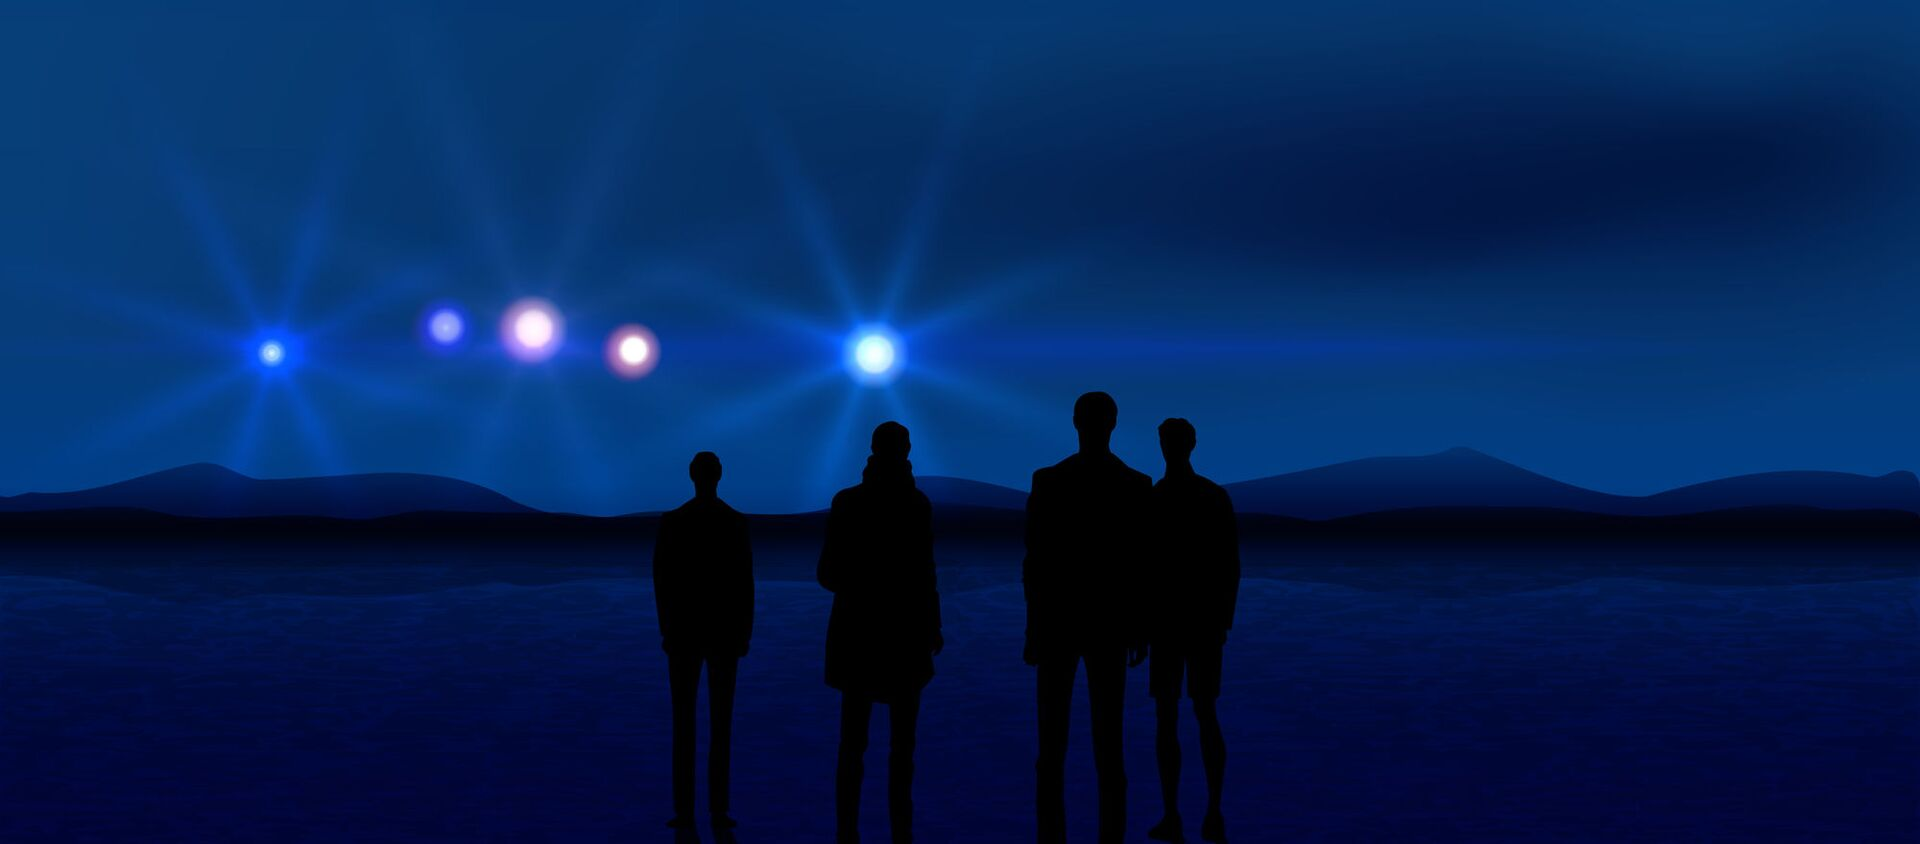 Bóng người và phát sáng trên bầu trời - Sputnik Việt Nam, 1920, 28.01.2021